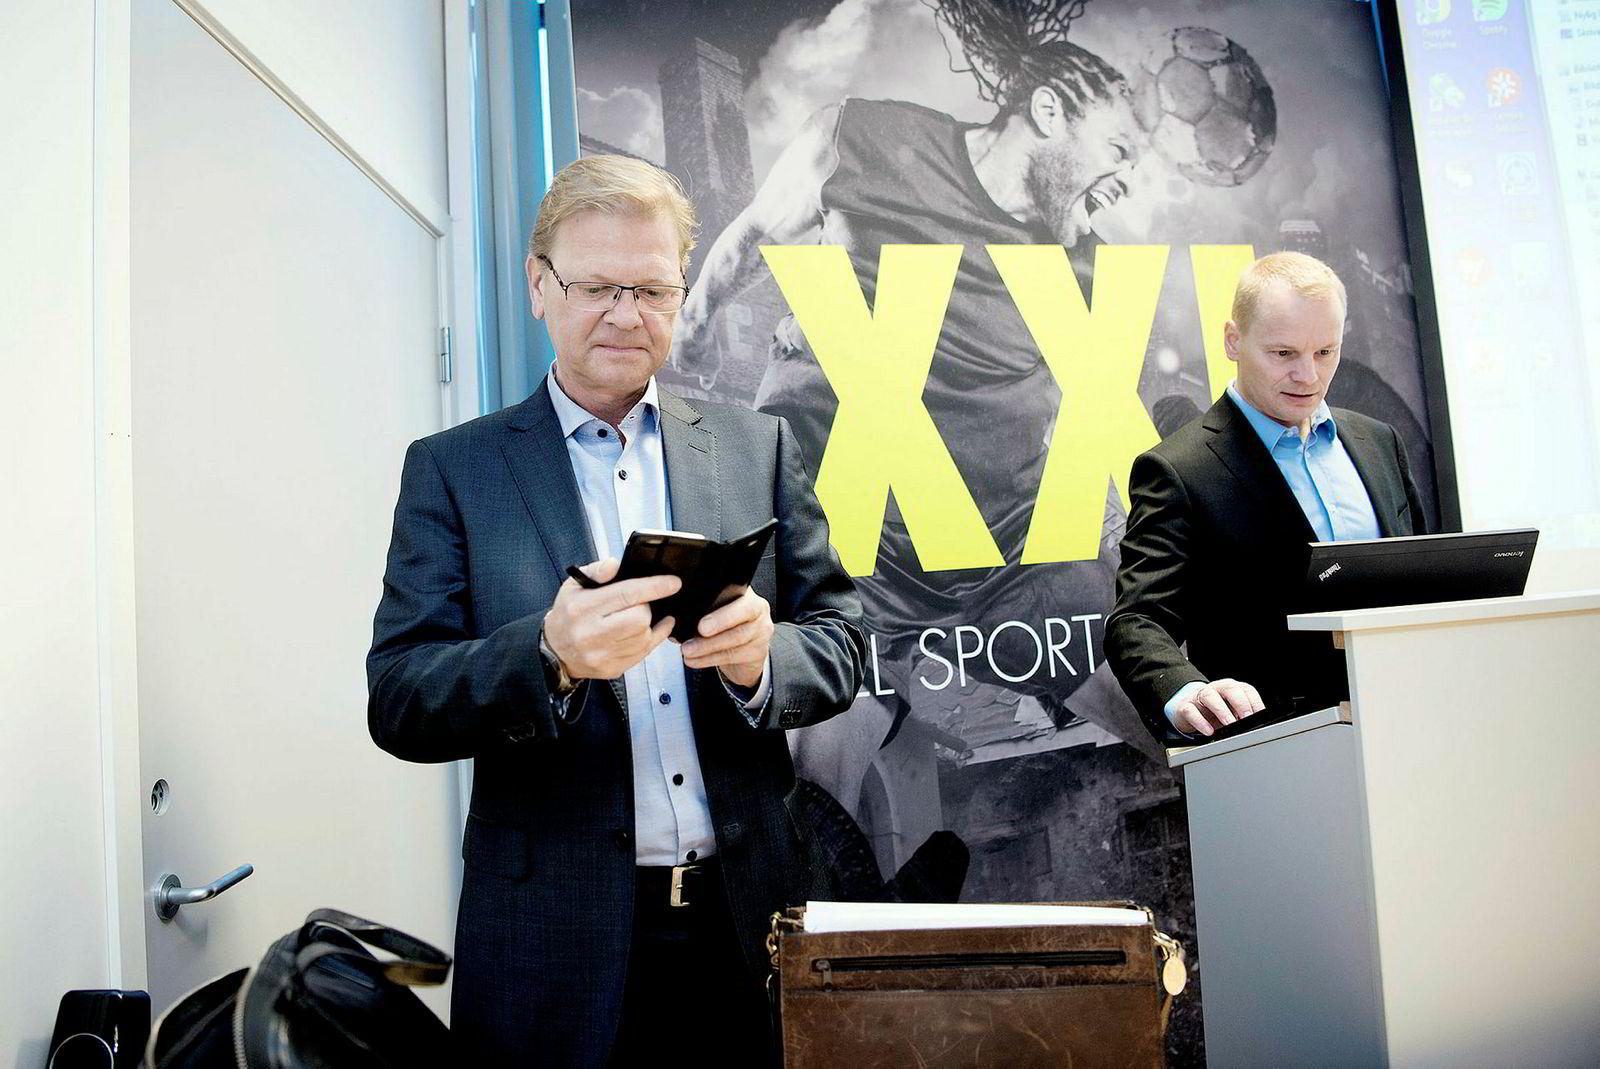 XXL-aksjen fikk en smell på børsen etter at XXL-sjef Fredrik Steenbuch og finansdirektør Krister Pedersen la frem resultatene for første kvartal onsdag. Arkivfoto